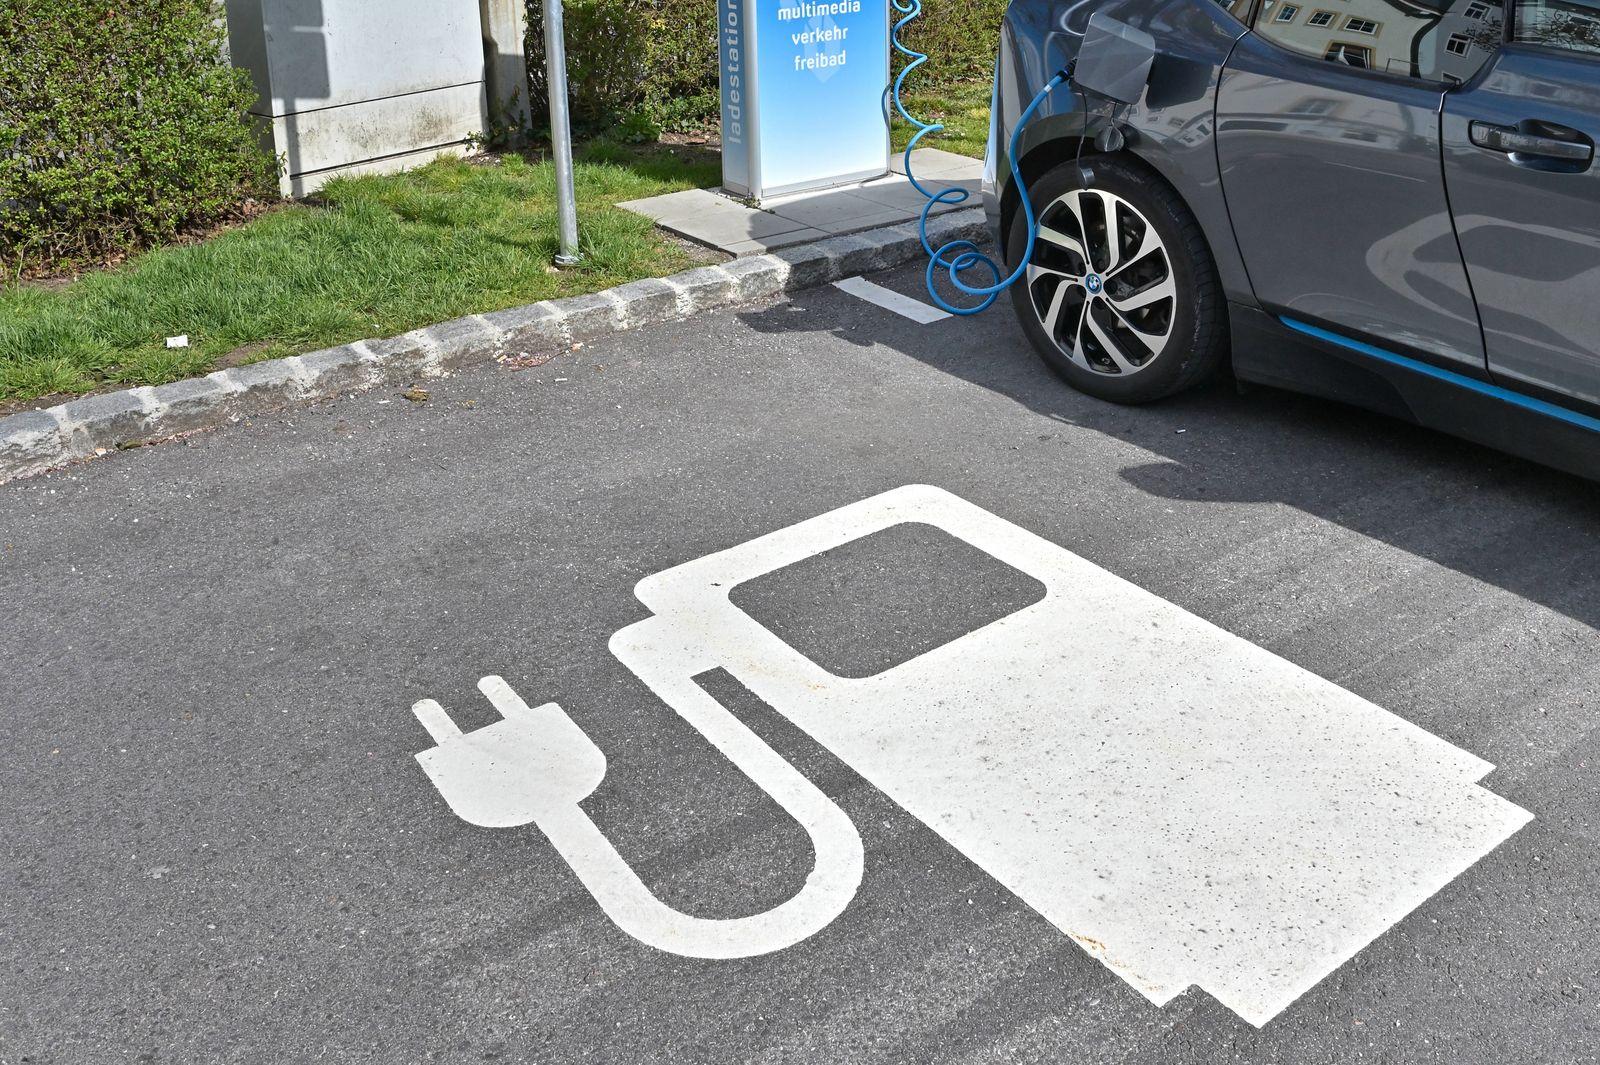 E-Auto Ladestation. Piktogramm: Ladestation für Elektro-Autos. Bad Reichenhall Bayern Deutschland *** E Car Charging Sta